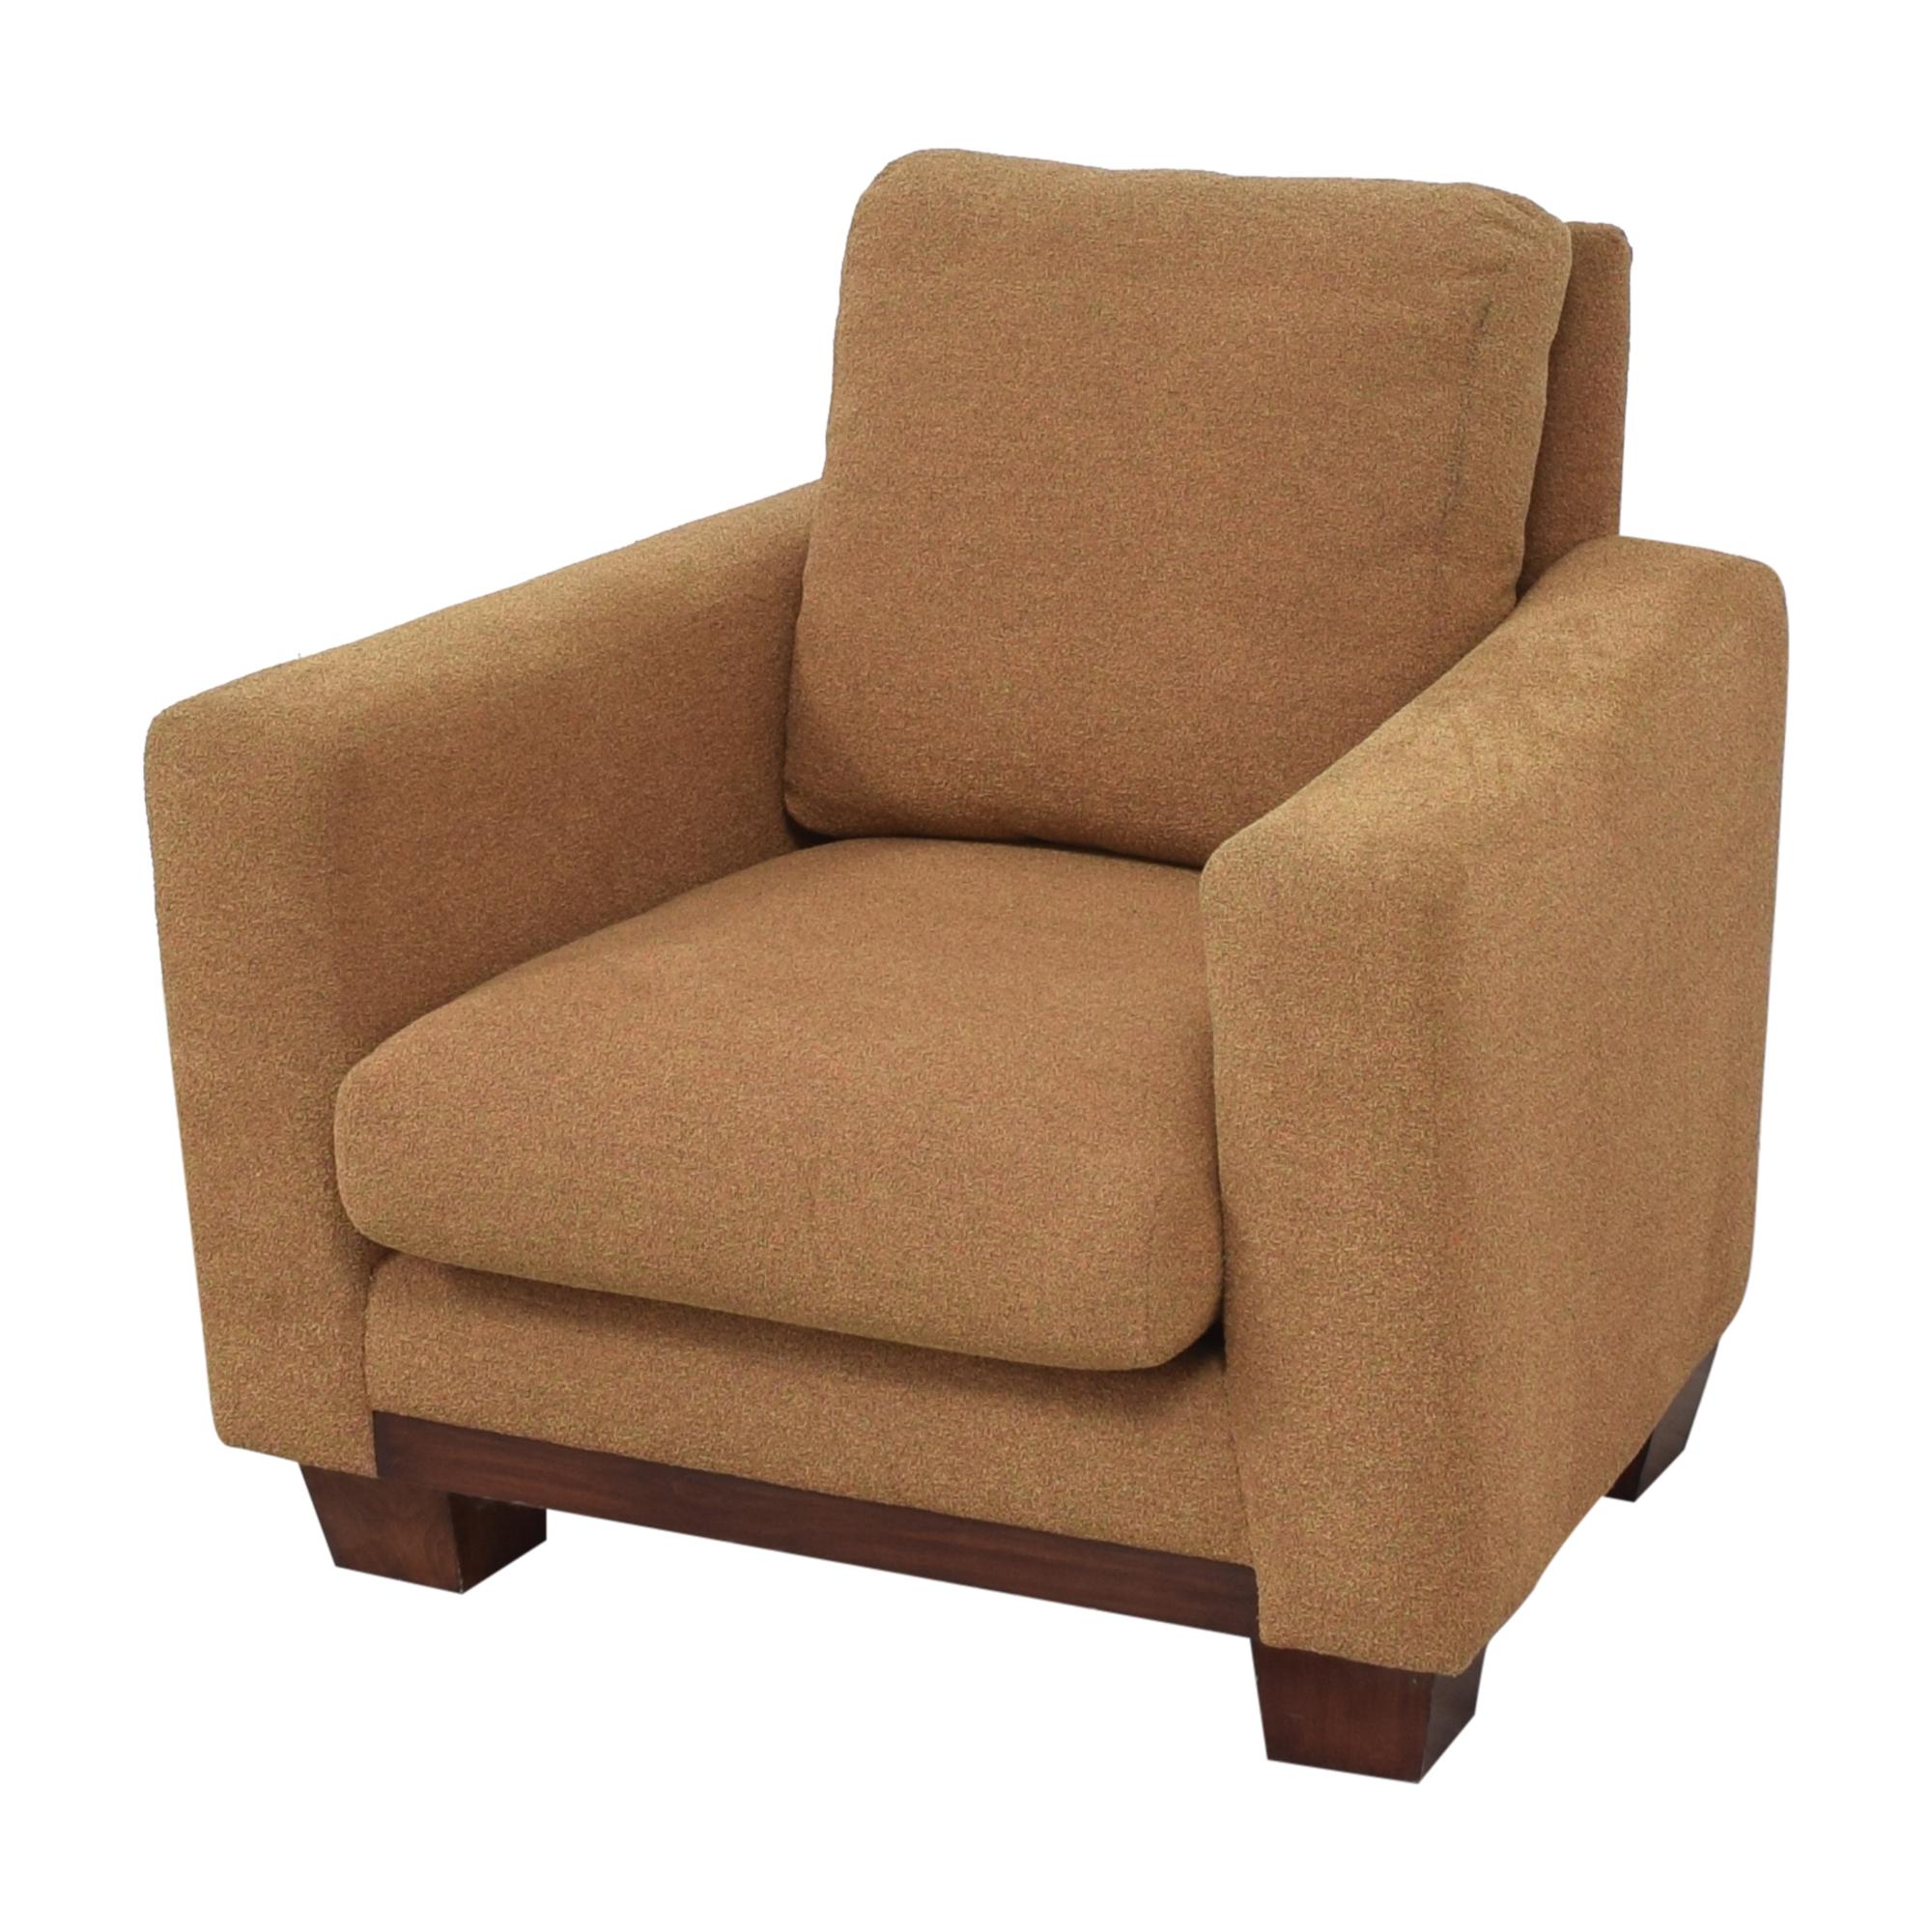 shop Dennis Miller Dennis Miller by Ted Boerner Club Chair online